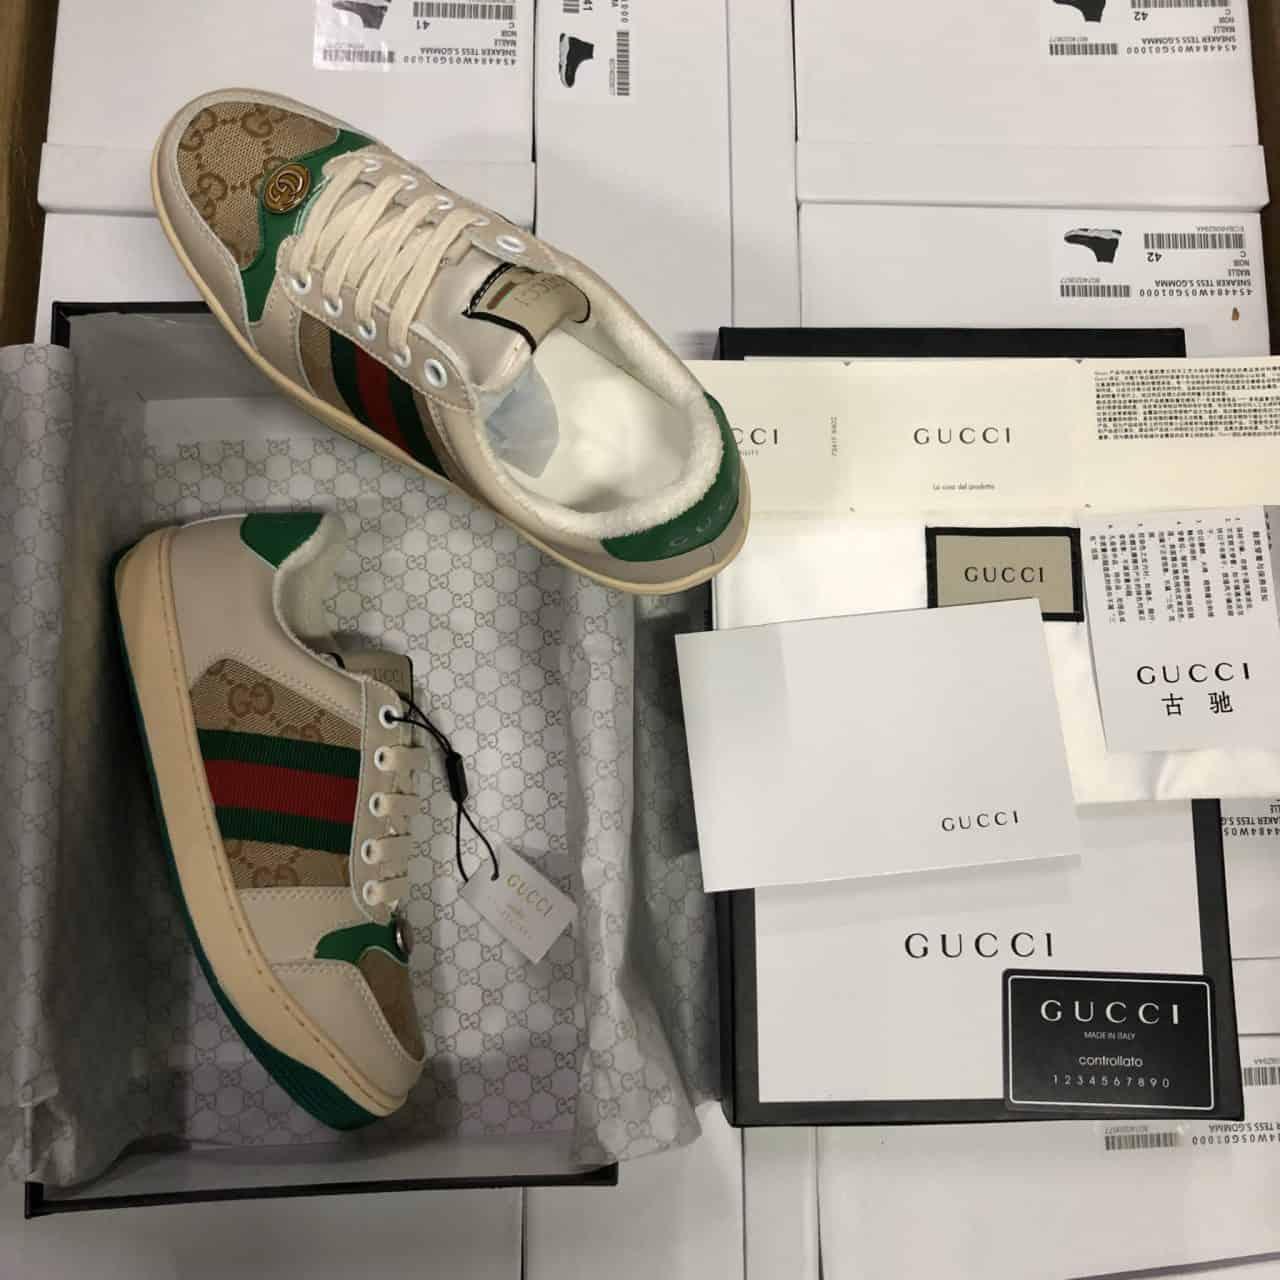 Giày Gucci Sơn Tùng Rep 1:1 sở hữu vẻ cổ điển, đẳng cấp